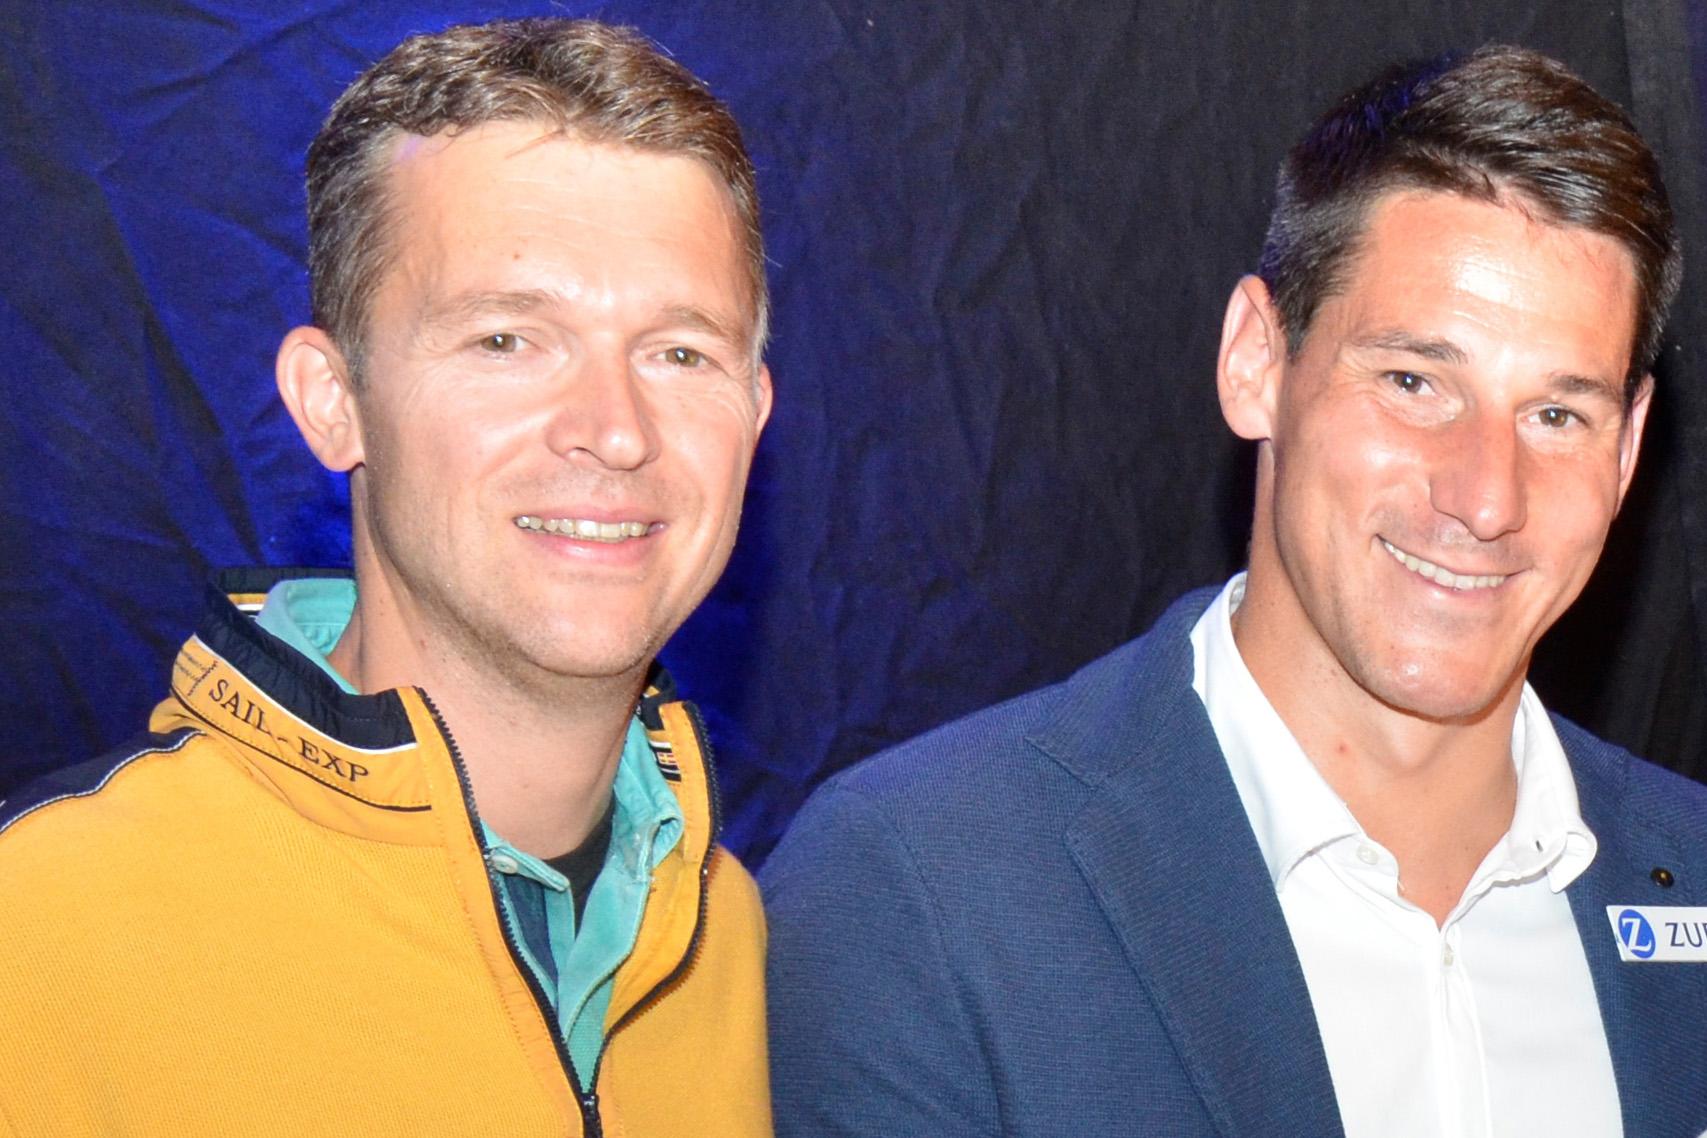 Kurt Möller, Mitglied des Vorstandes, und Helge Payer, Ex-Fußball-Nationalspieler u.sportlicher Markenbotschafter von Zurich